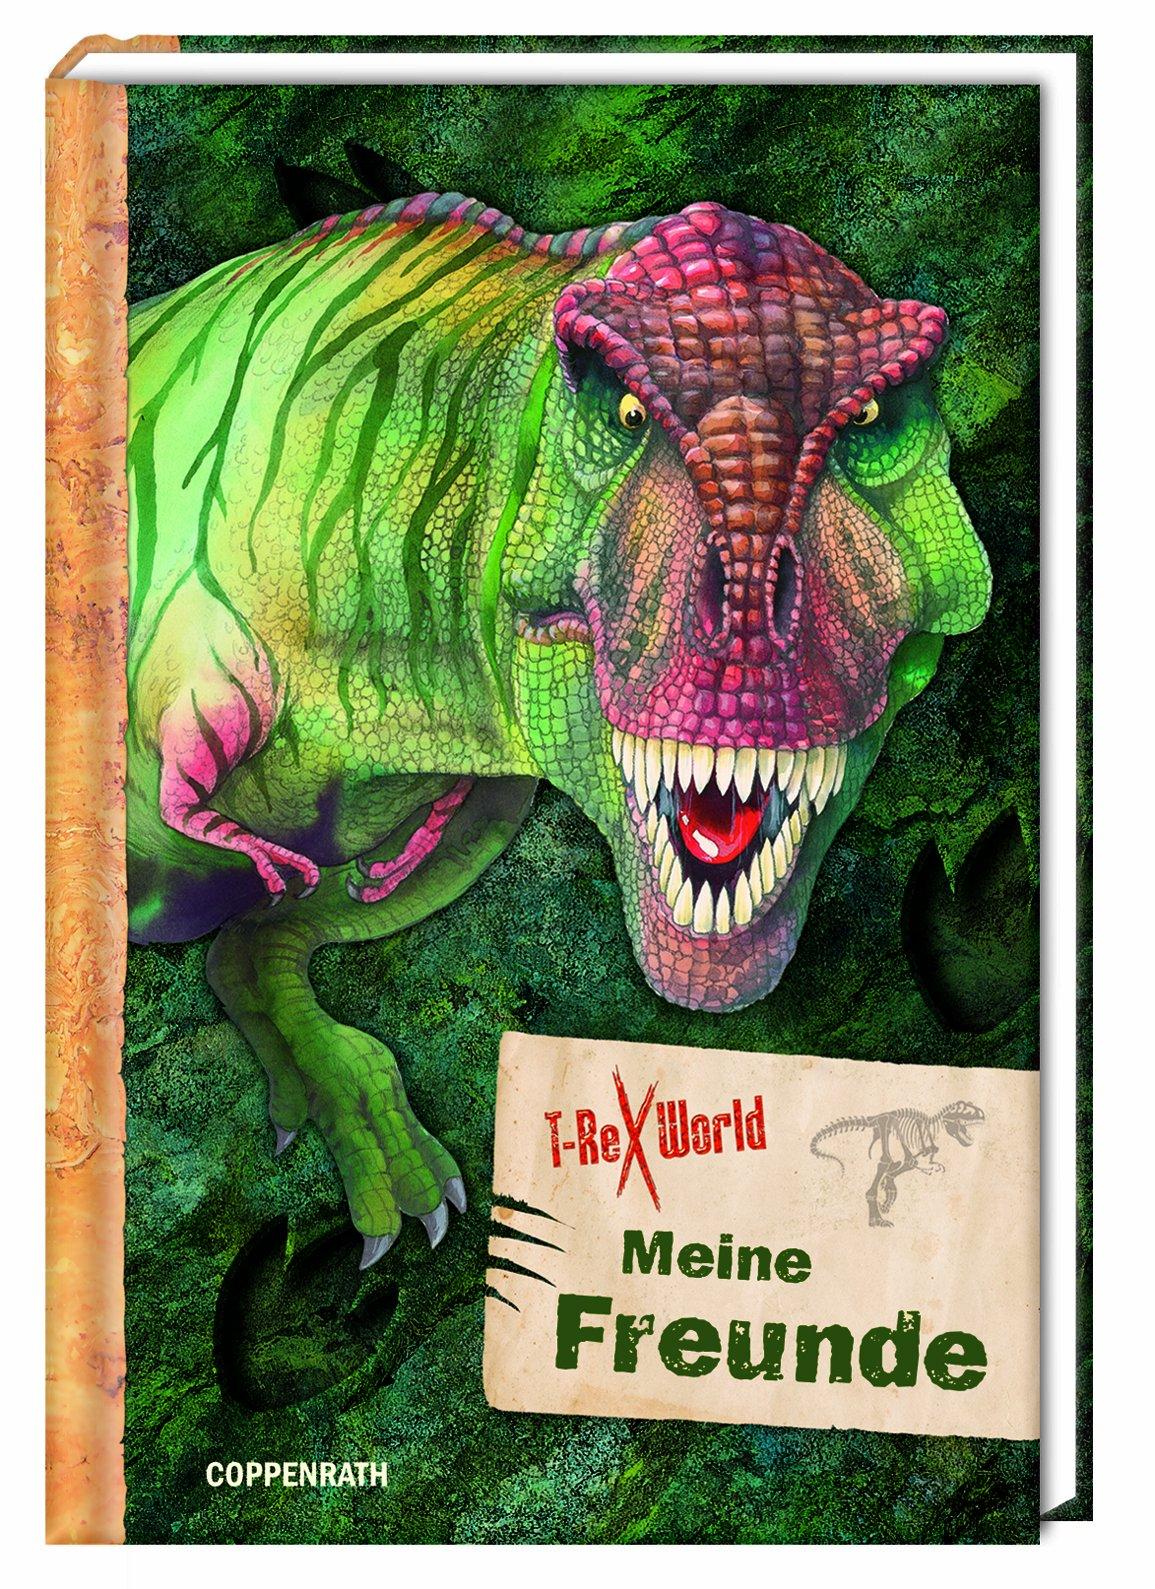 T-Rex World - Meine Freunde